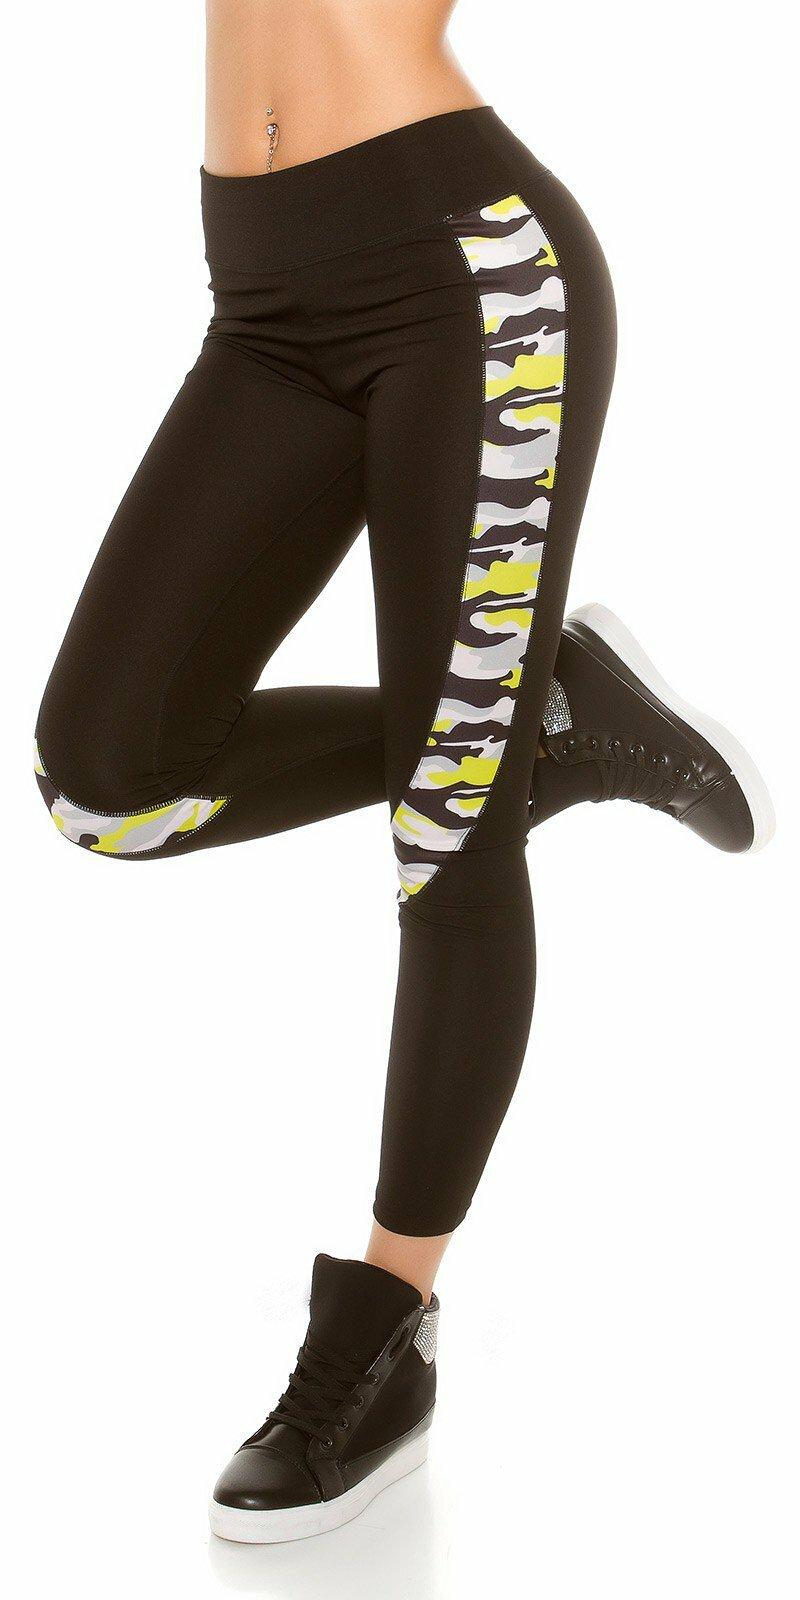 Čierne workout legíny s maskáčovými vzormi - NajlepsiaModa.sk e0e0764511